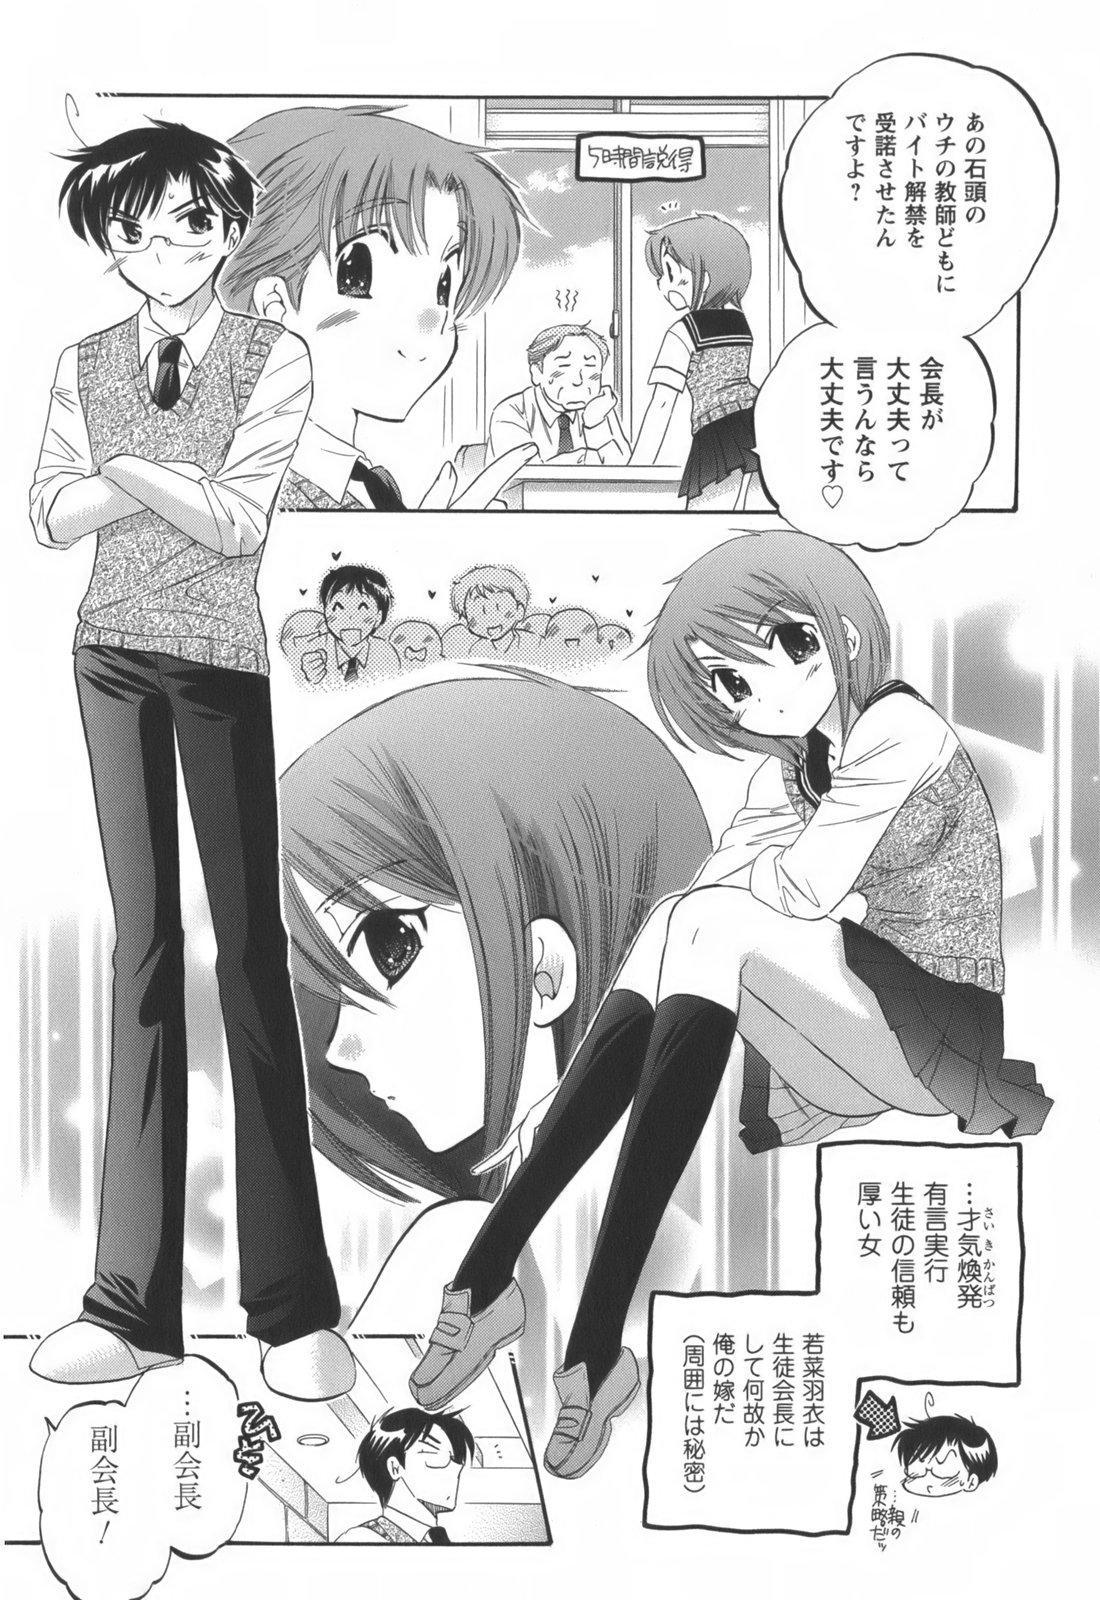 Okusama wa Seitokaichou 53